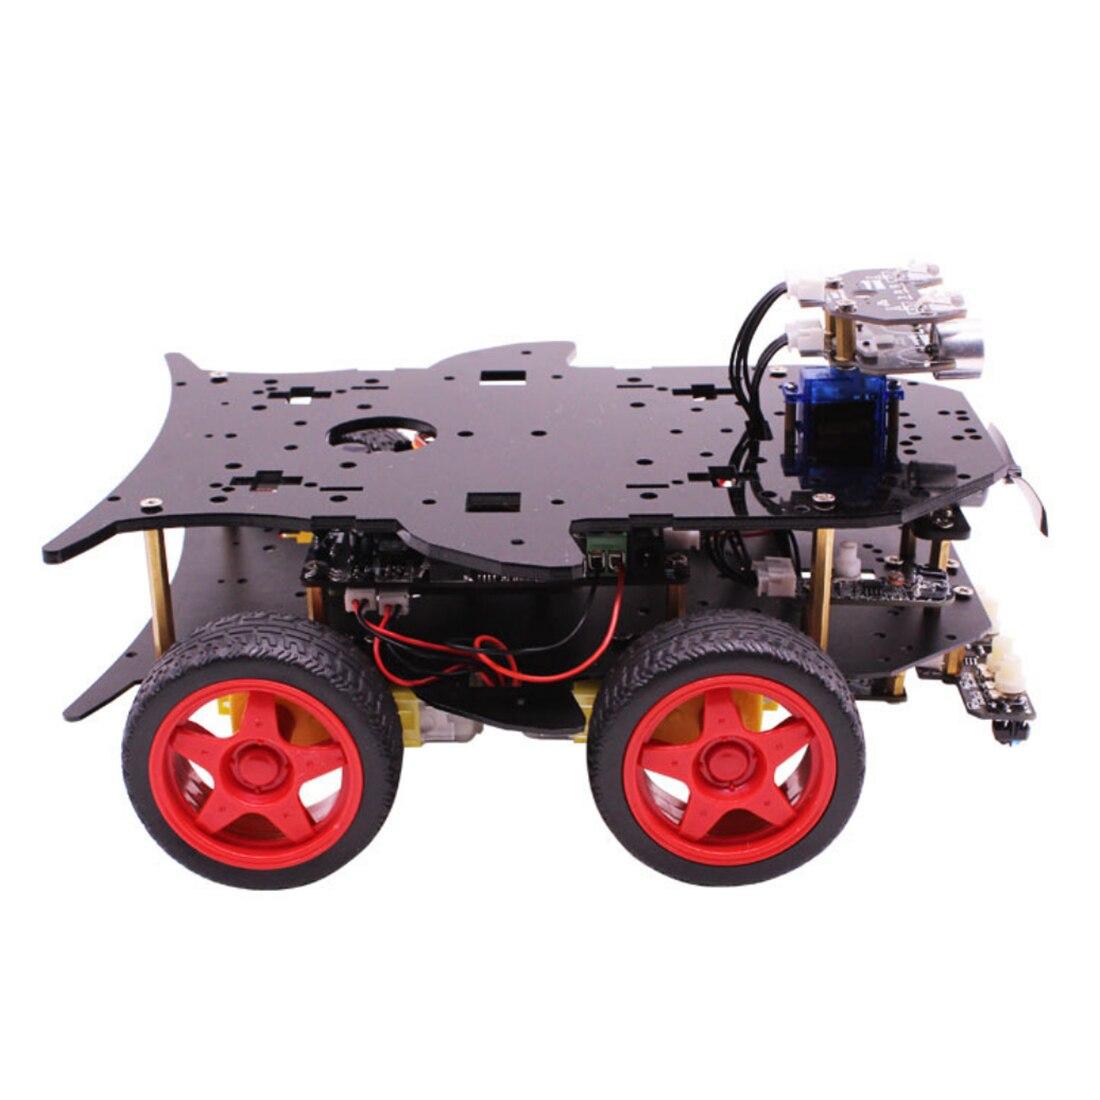 Roboter Auto 4WD Programmierung Stamm Bildung Robot Kit Spielzeug mit Tutorial & Open Source Code für Arduino (Einschließlich UNO r3 Mainboard) - 3